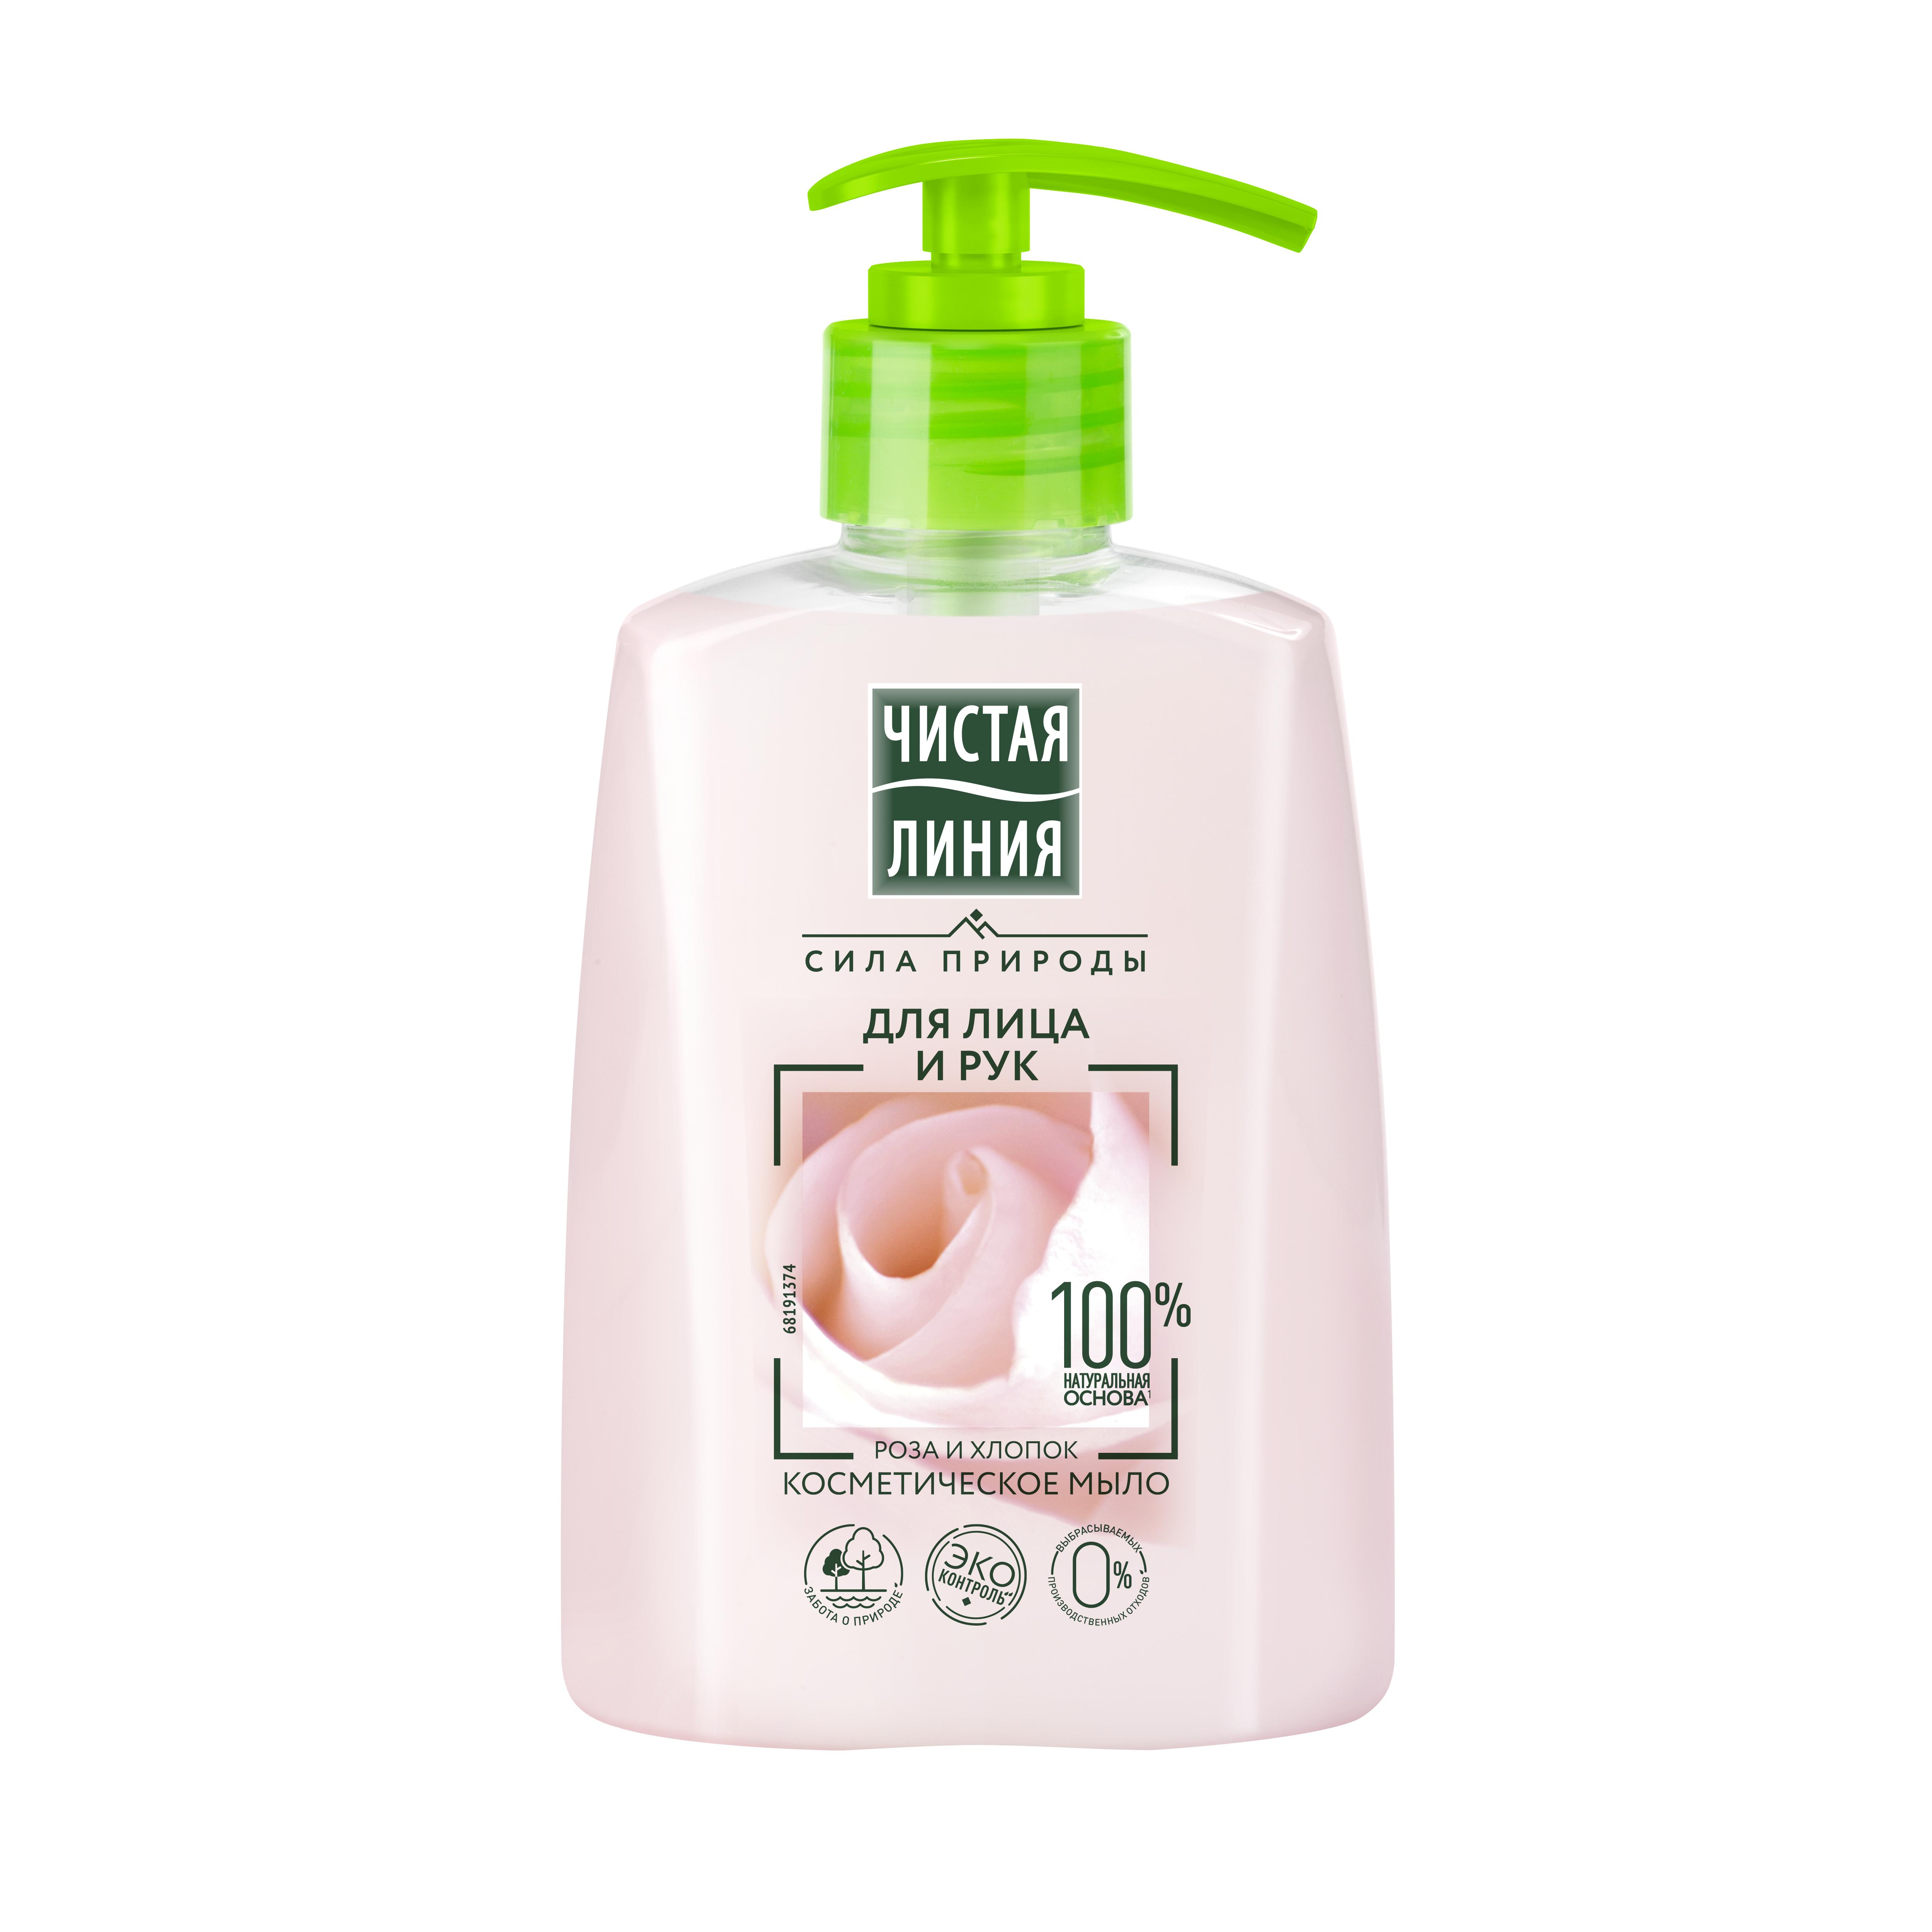 Жидкое крем-мыло для лица и рук Чистая Линия 250 мл